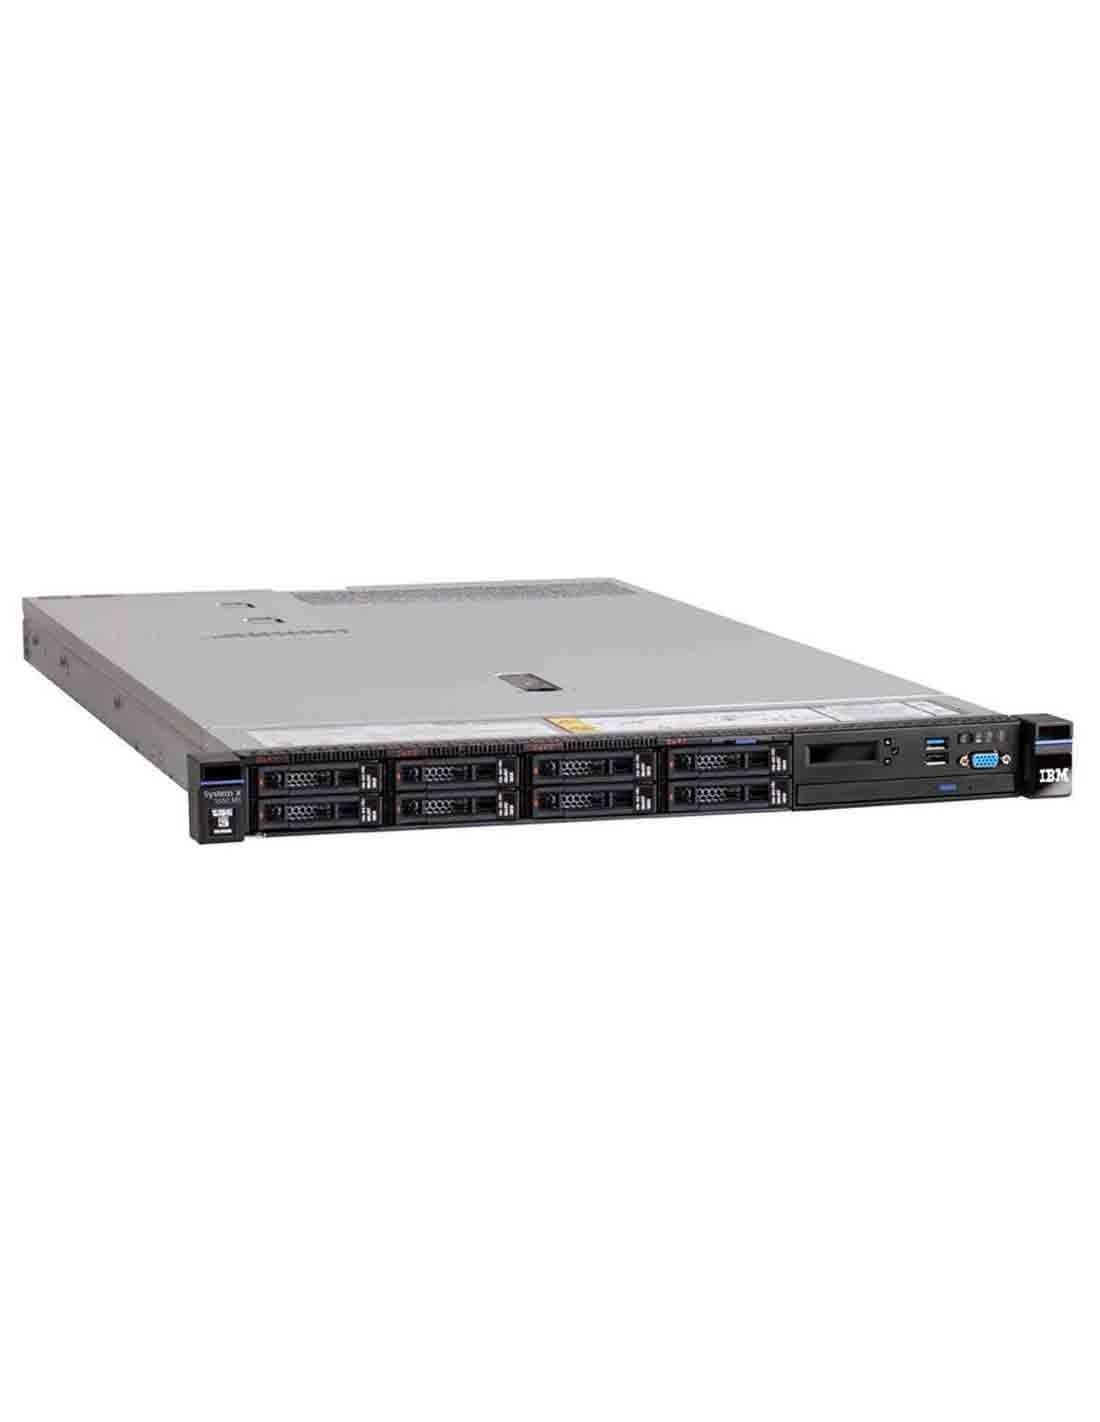 Lenovo x3550 M5 Rack Server E5-2620 v4 8869E3G at a Cheap Price in Dubai UAE